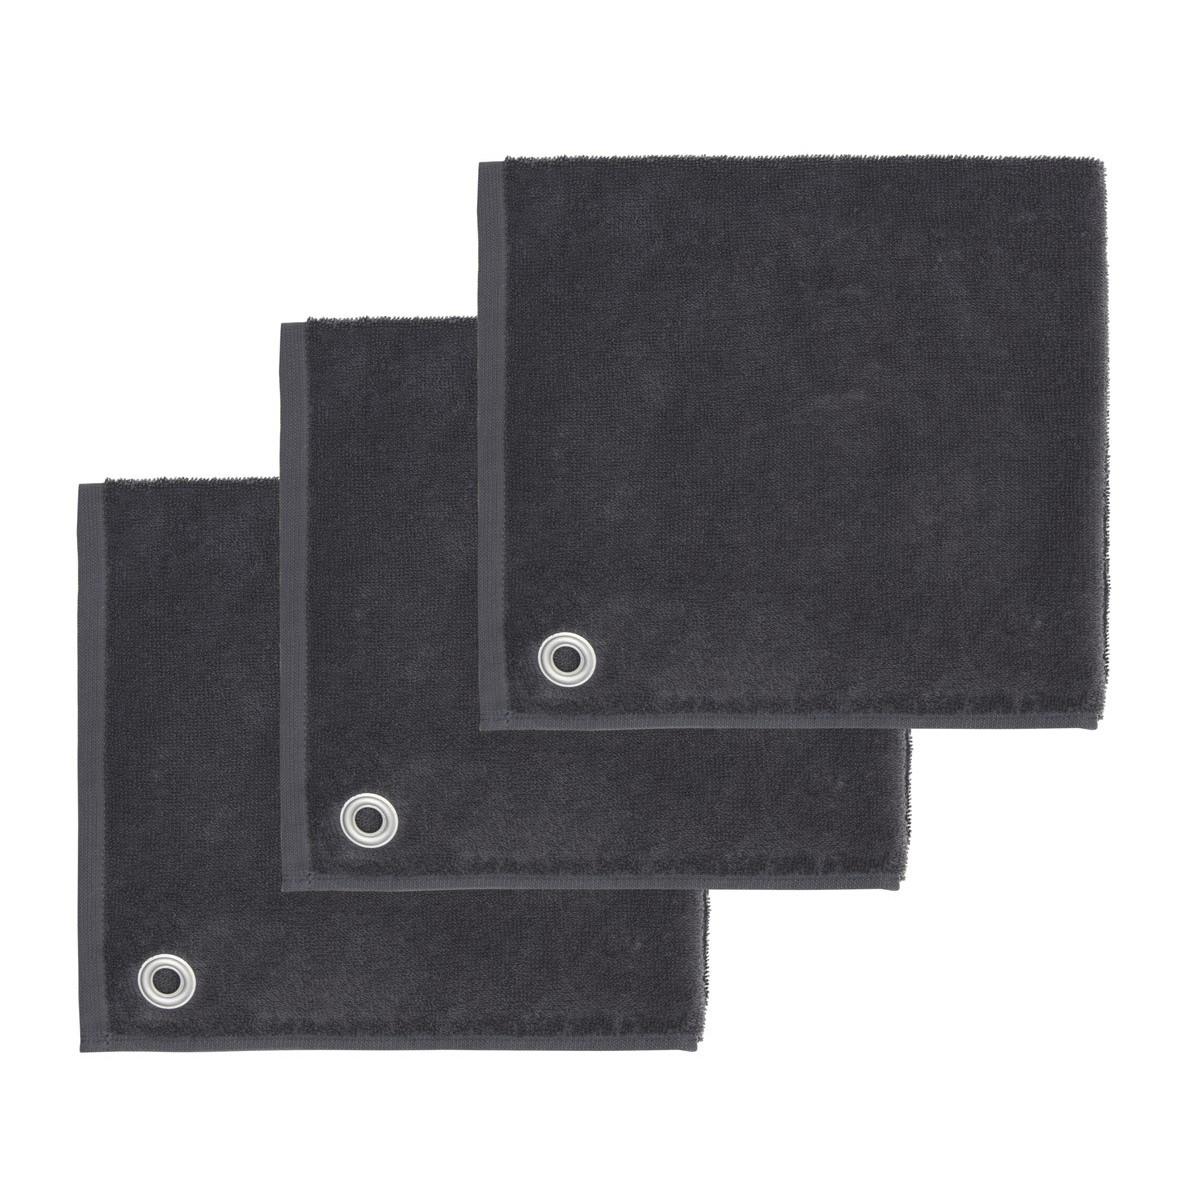 AMAIA - Lot de 3 torchons carrés avec œille Anthracite 50x50 cm